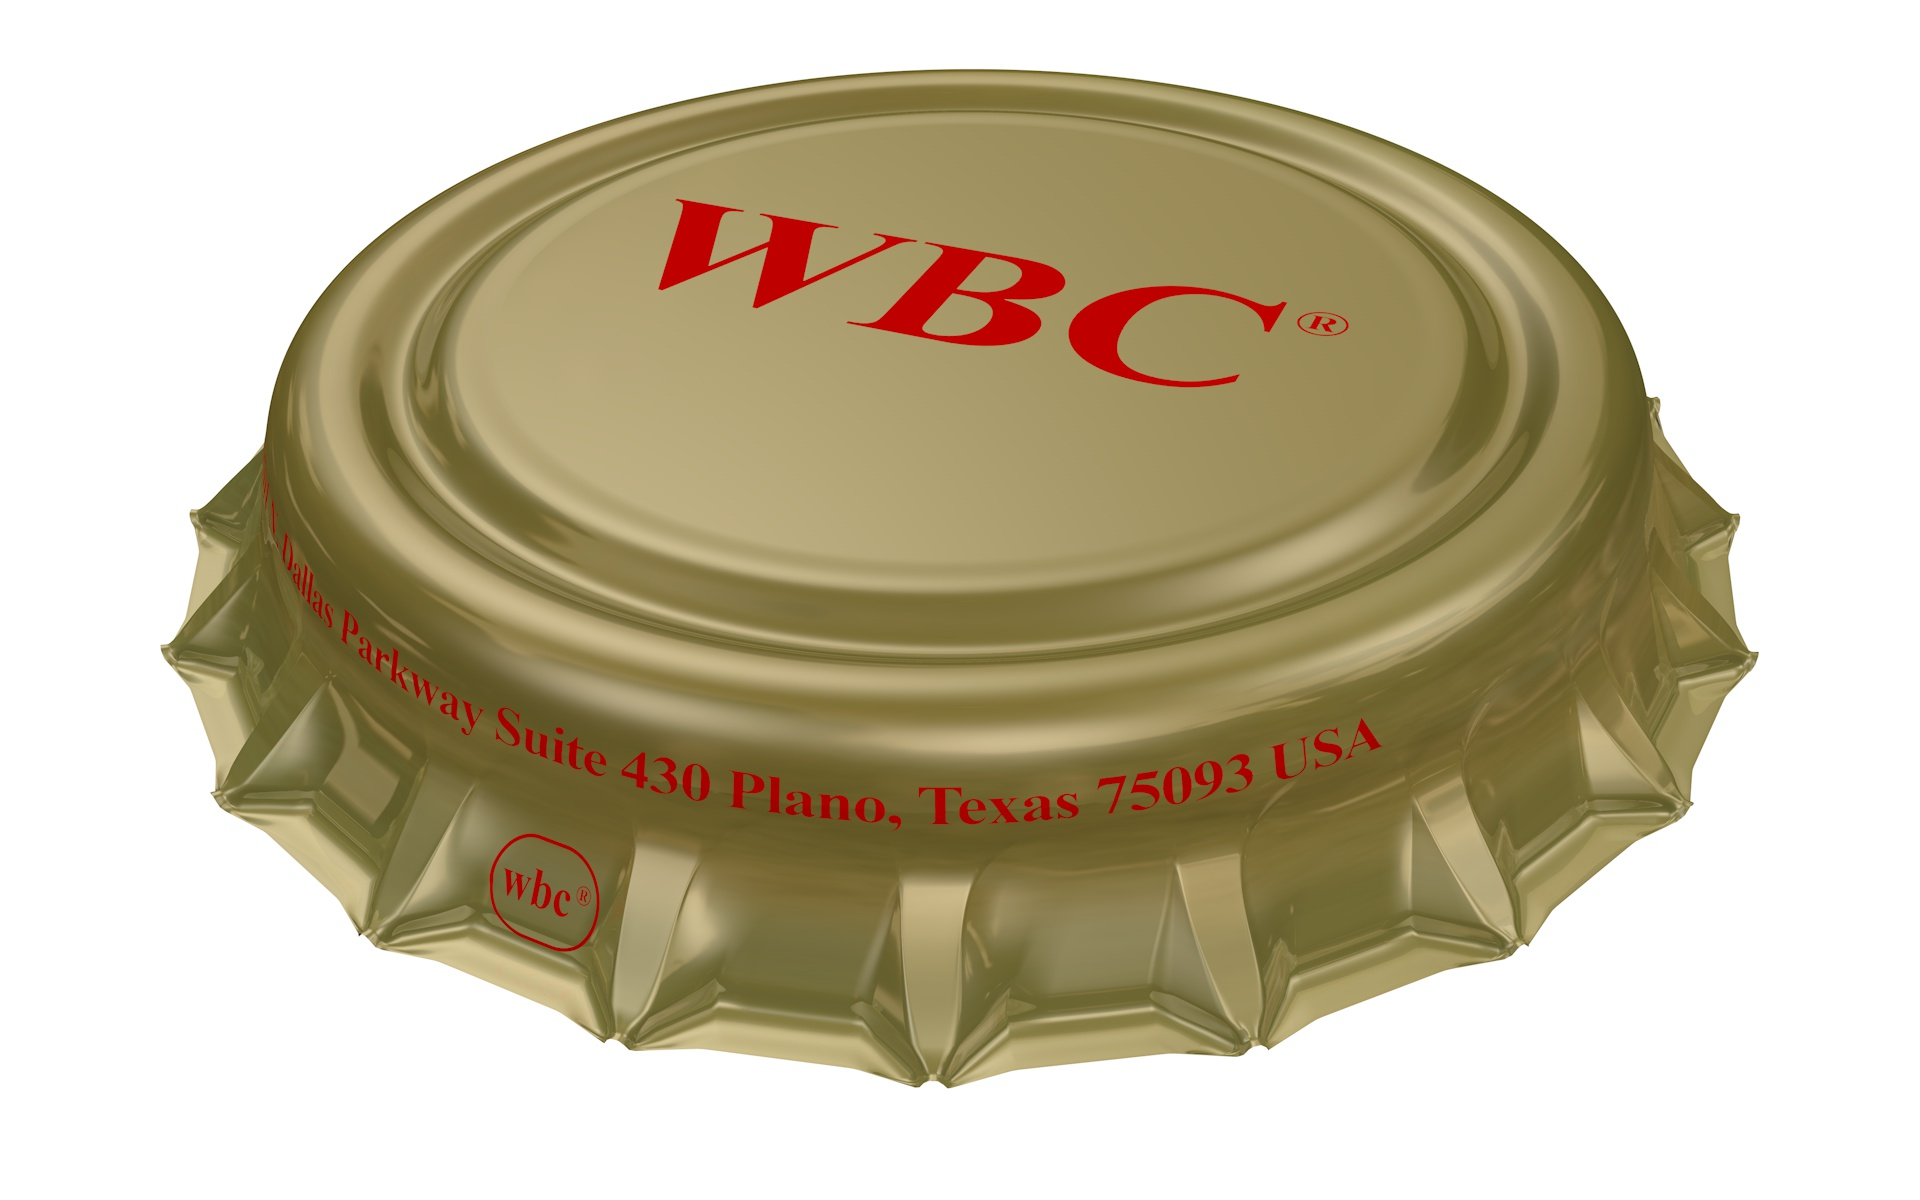 rgc-wbc-002_0003